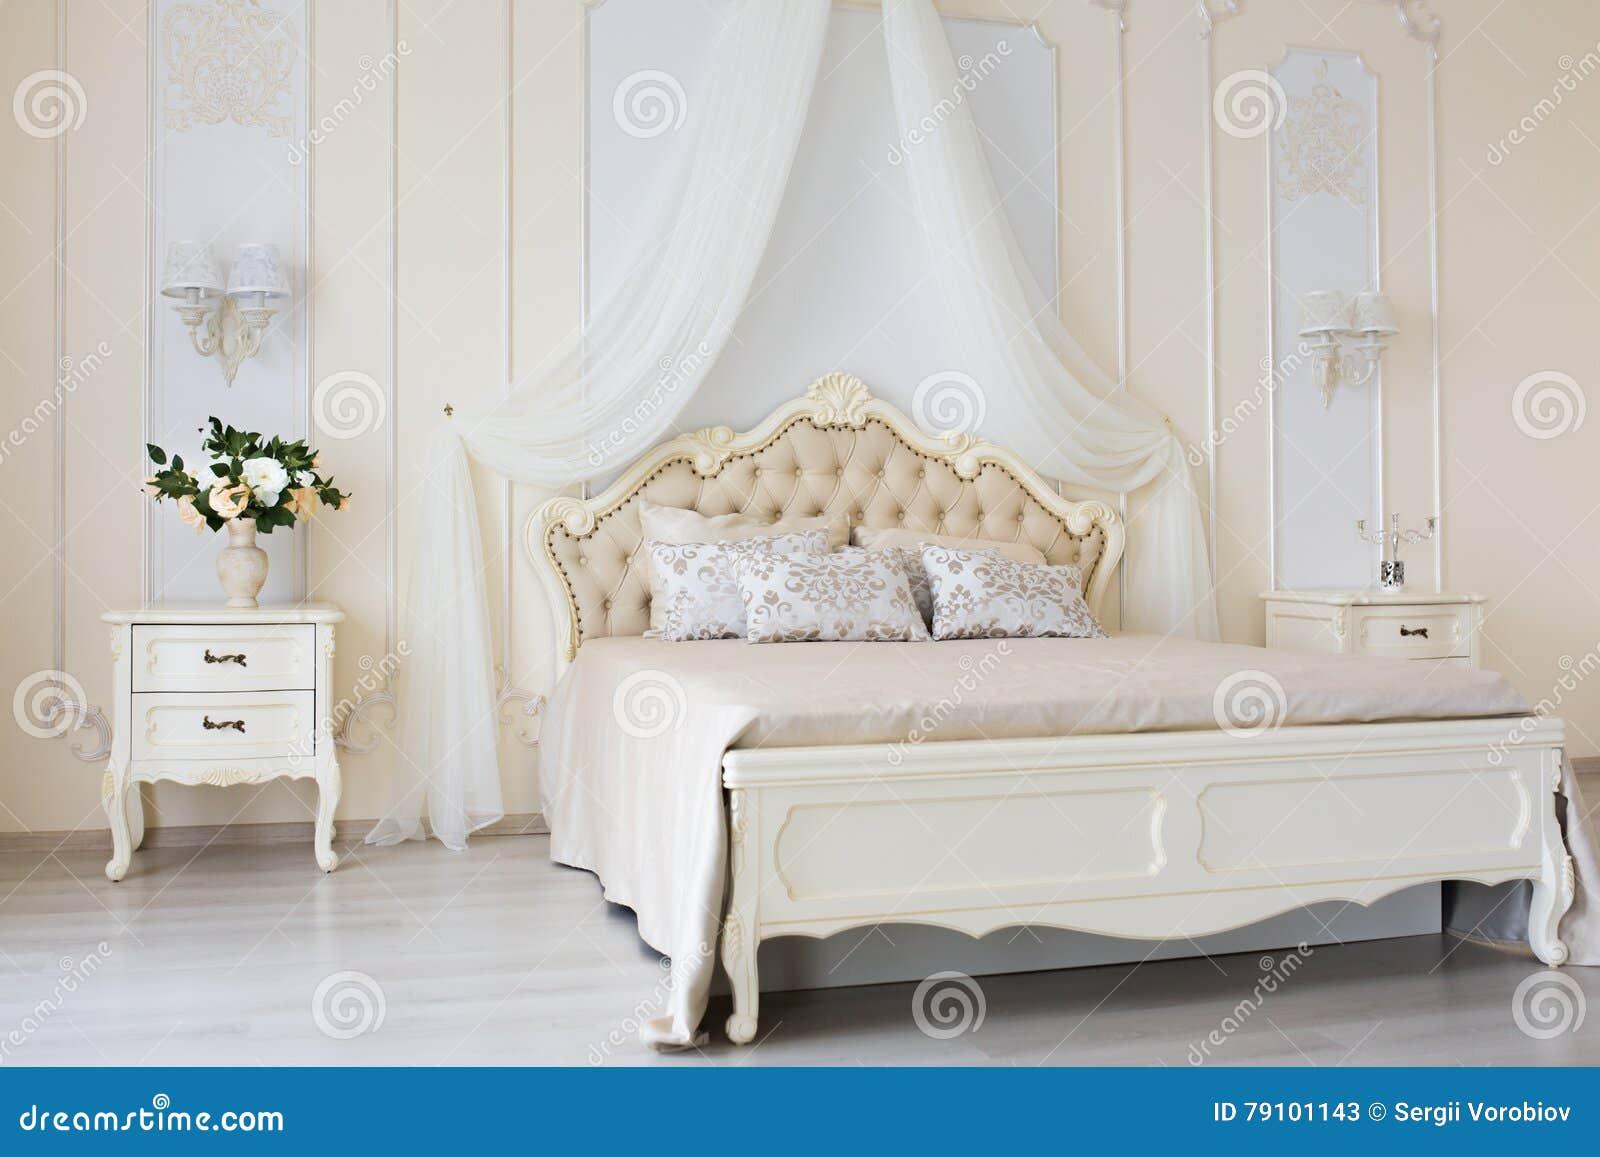 Download Schlafzimmer In Den Weichen Hellen Farben Großes Bequemes  Doppelbett Im Eleganten Klassischen Innenraum Stockbild